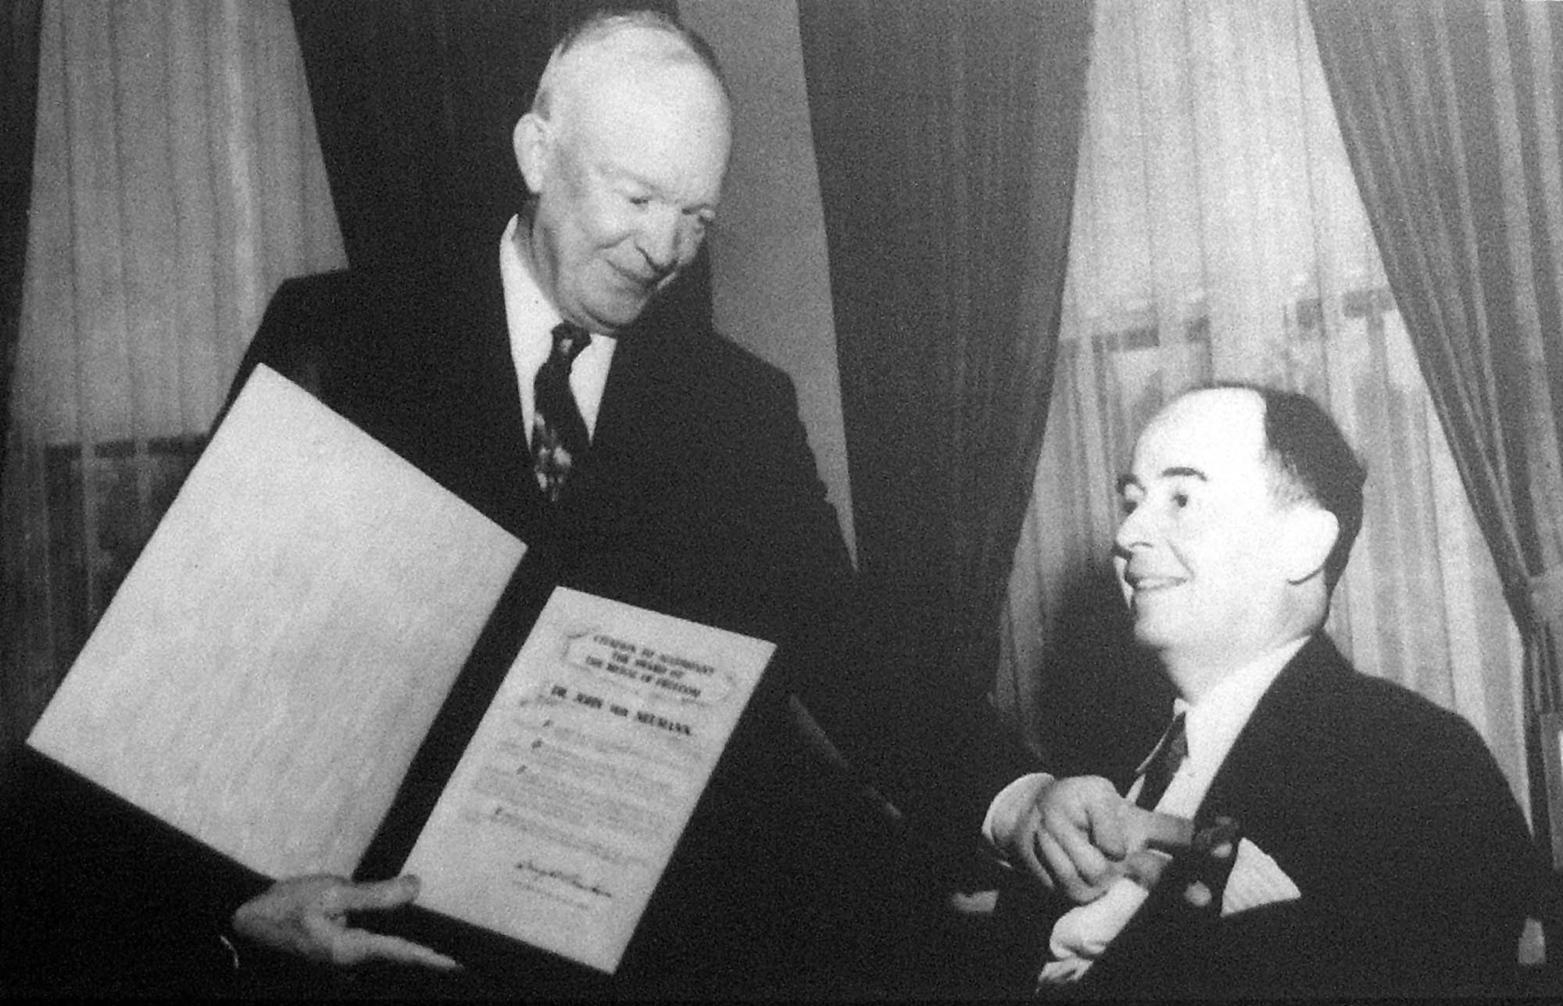 Washington, 1956. Dwight Eisenhower amerikai elnök (b) a Szabadság érdemrendet (Medal of Freedom) adományozza Neumann János matematikusnak. Az eredeti felvétel készítésének pontos dátuma ismeretlen. MTI Fotó: Reprodukció A reprodukciót készítette: Rózsahegyi Tibor